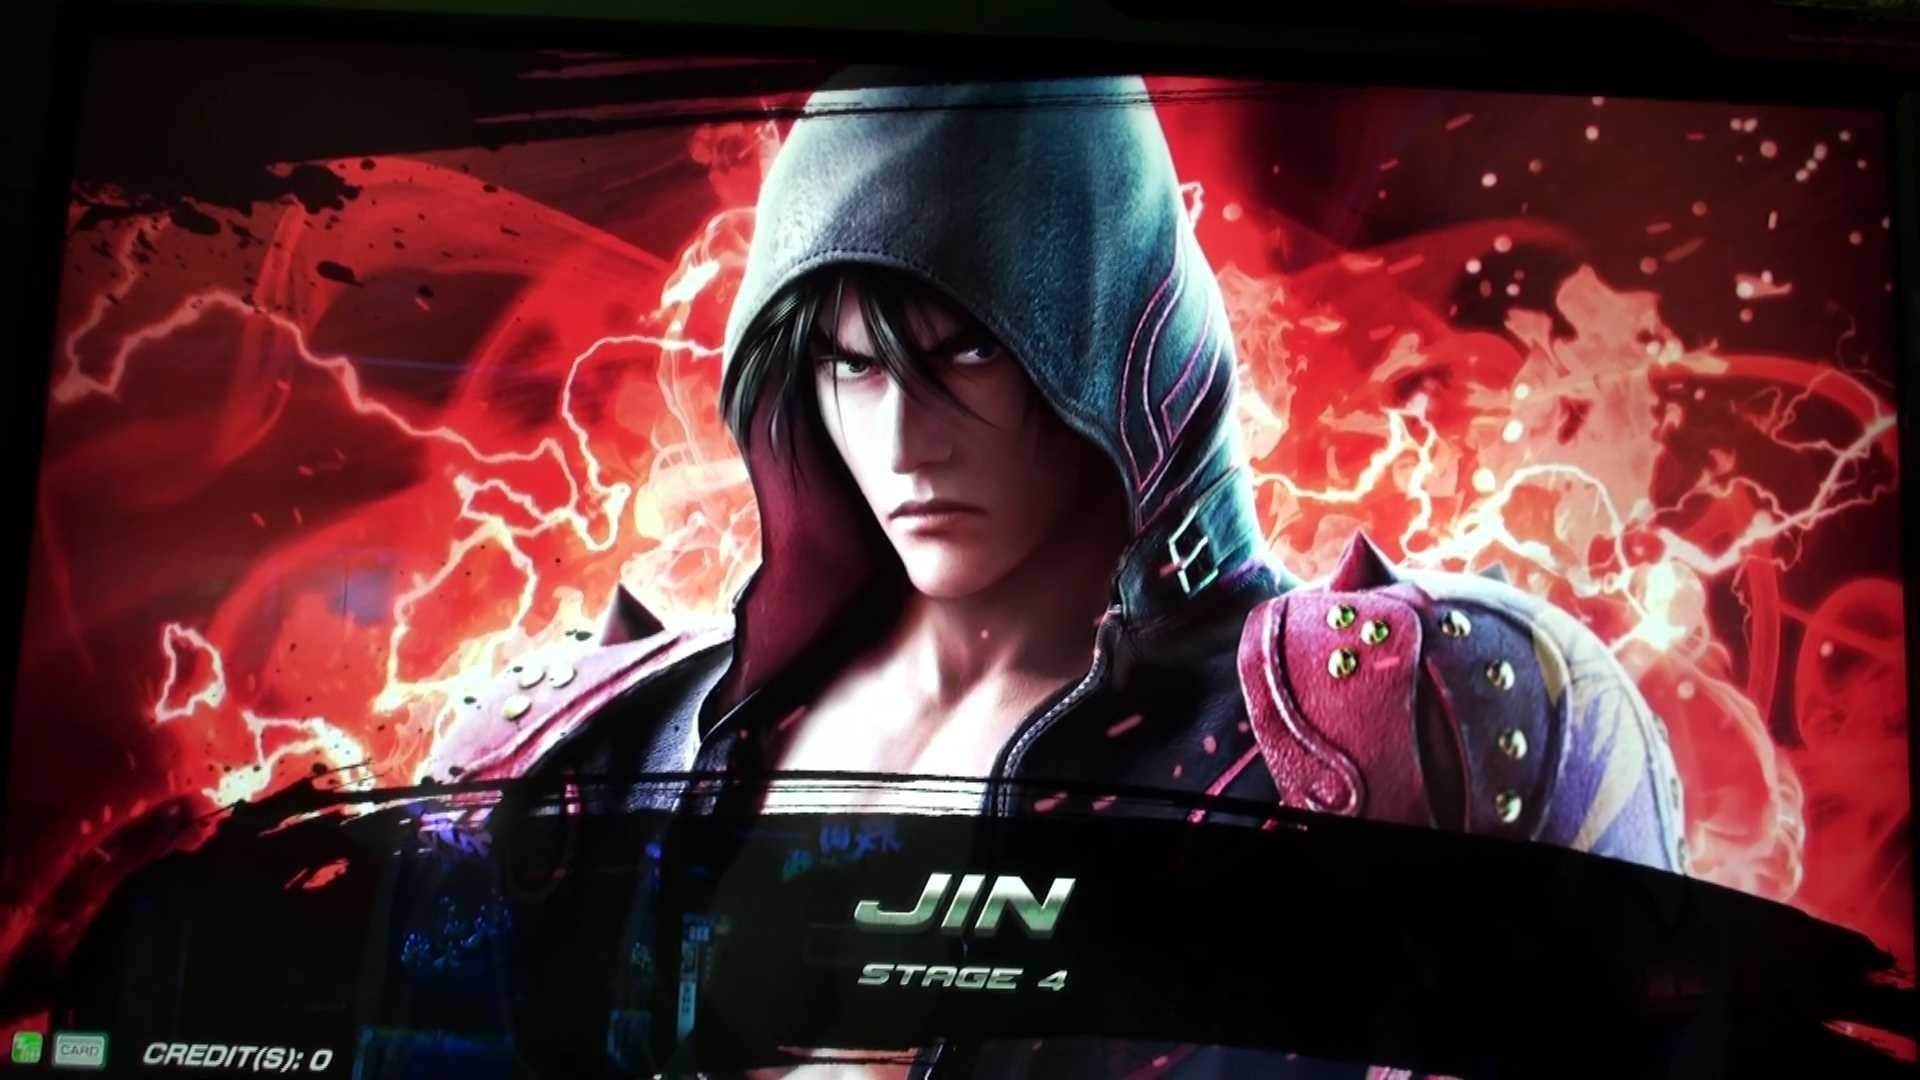 Tekken 4 Wallpaper Posted By Ryan Peltier